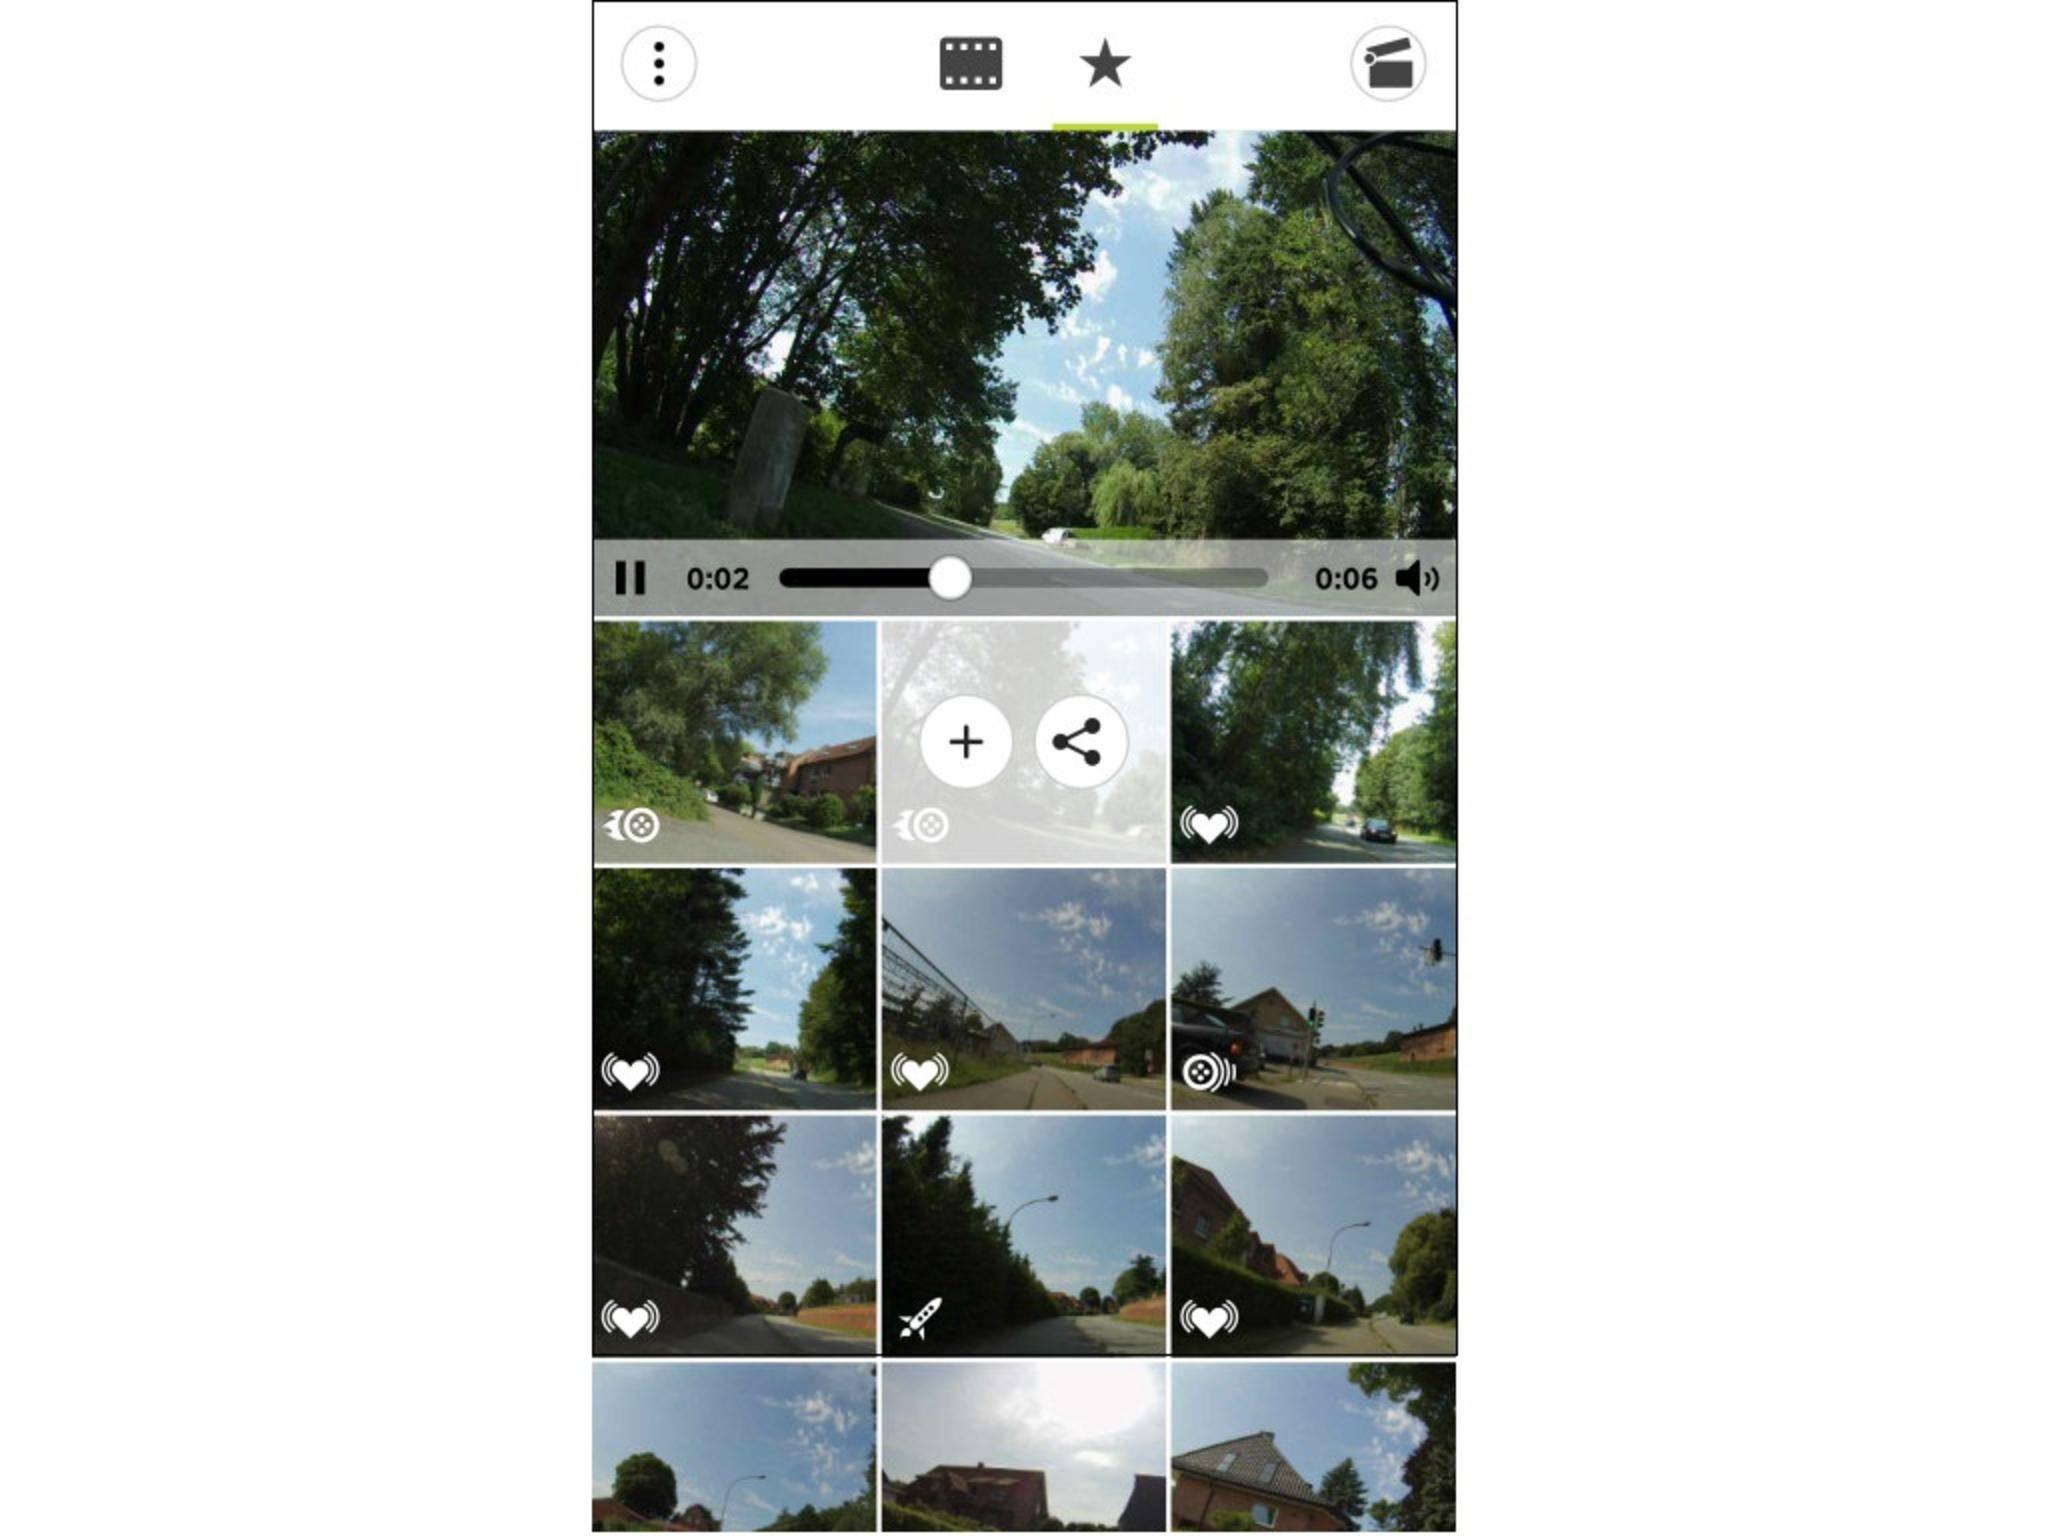 Die App ordnet den Clips eigenständig Highlight-Tags zu.